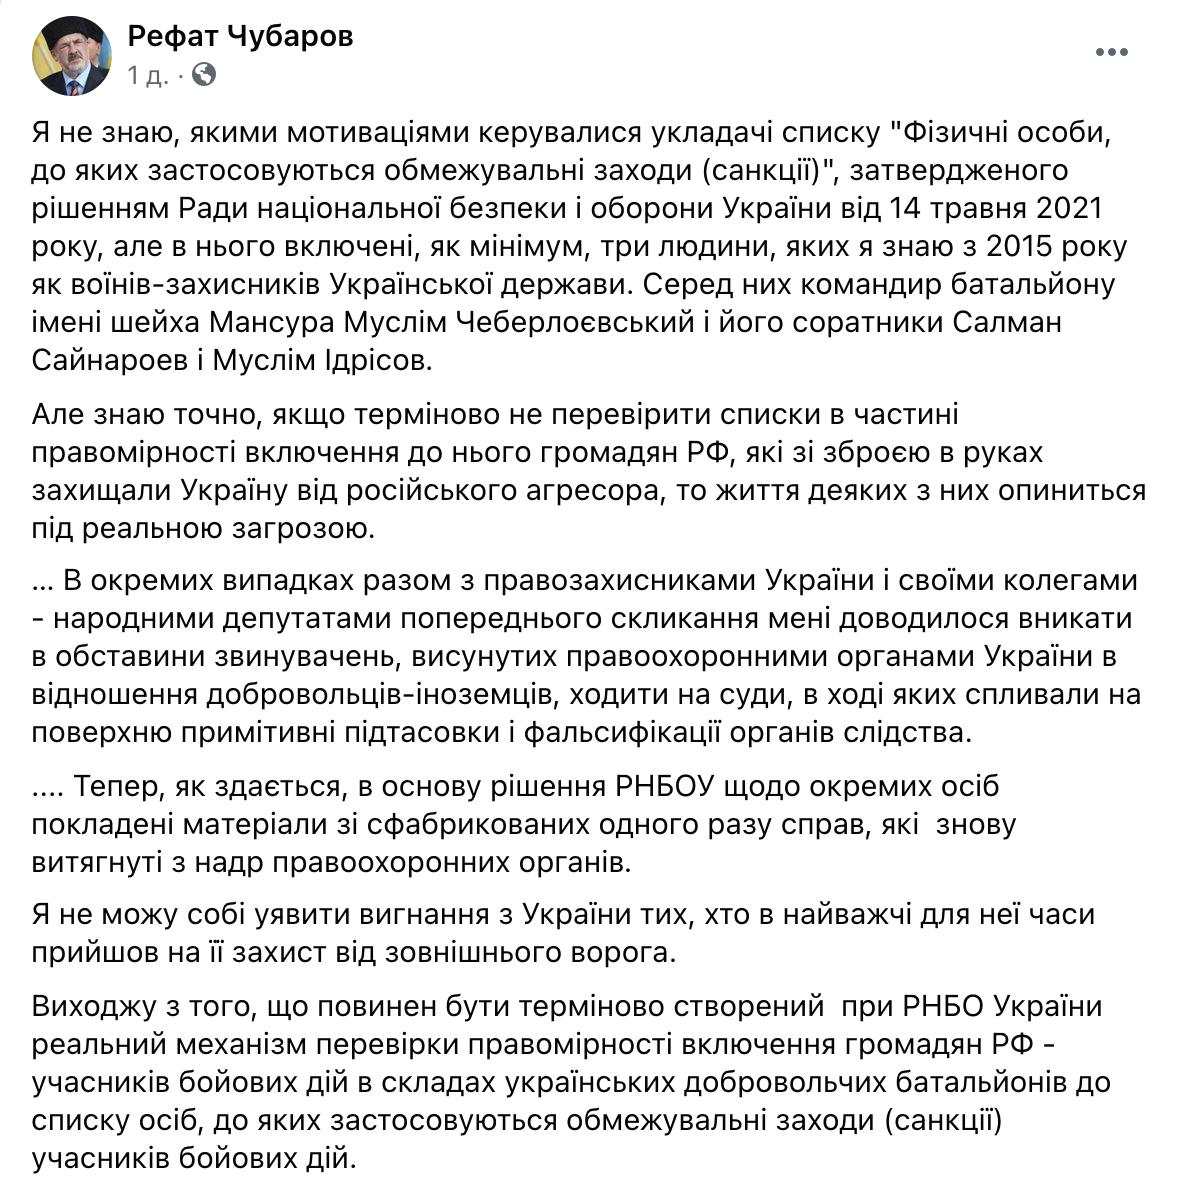 Троє фігурантів списку РНБО оскаржують санкції у суді: один із них міг воювати на Донбасі